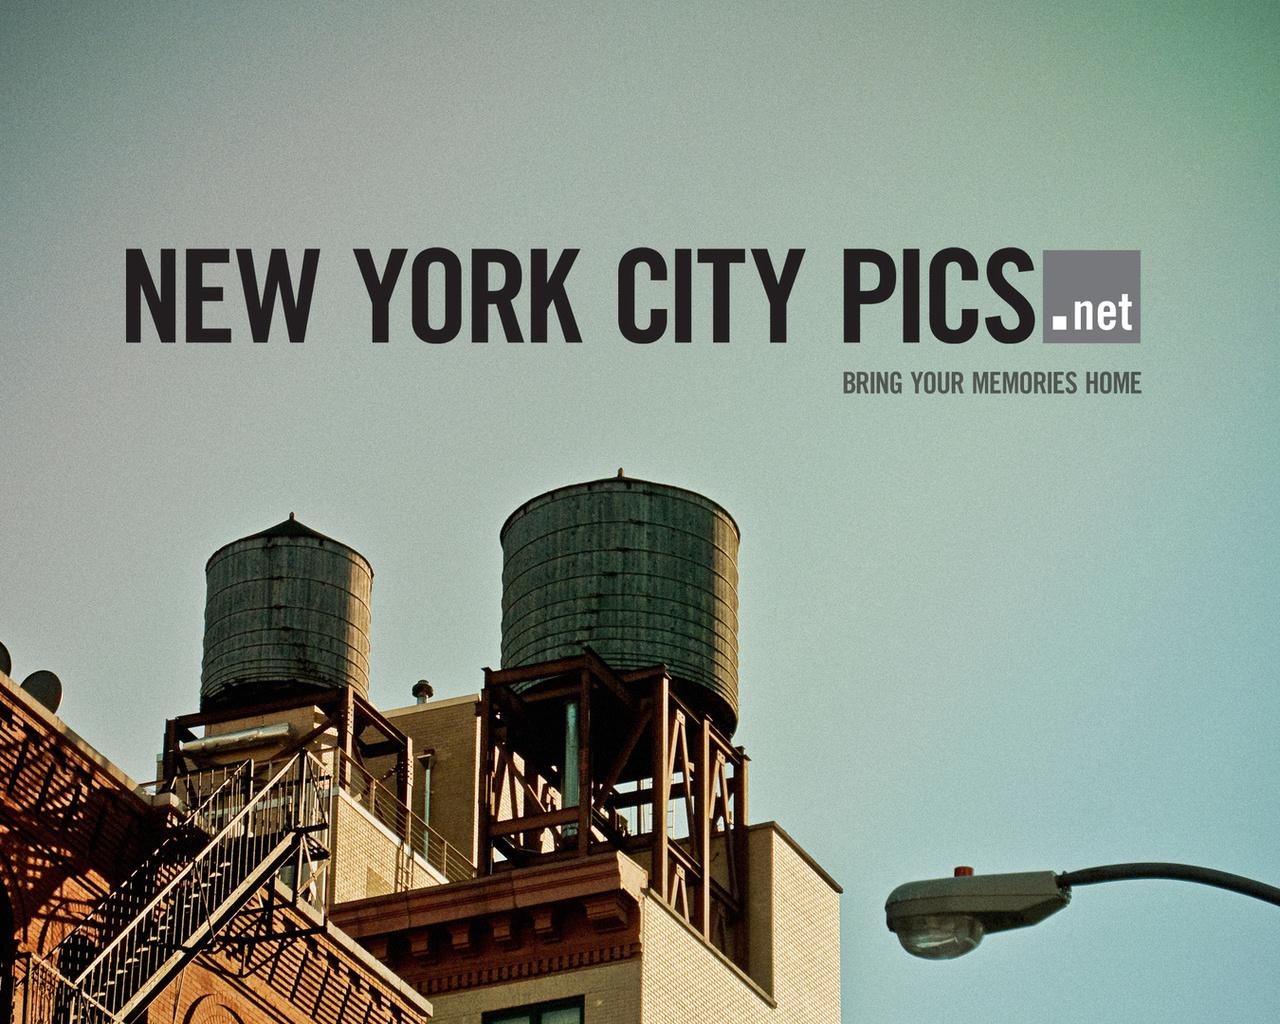 (c) Newyorkcitypics.net